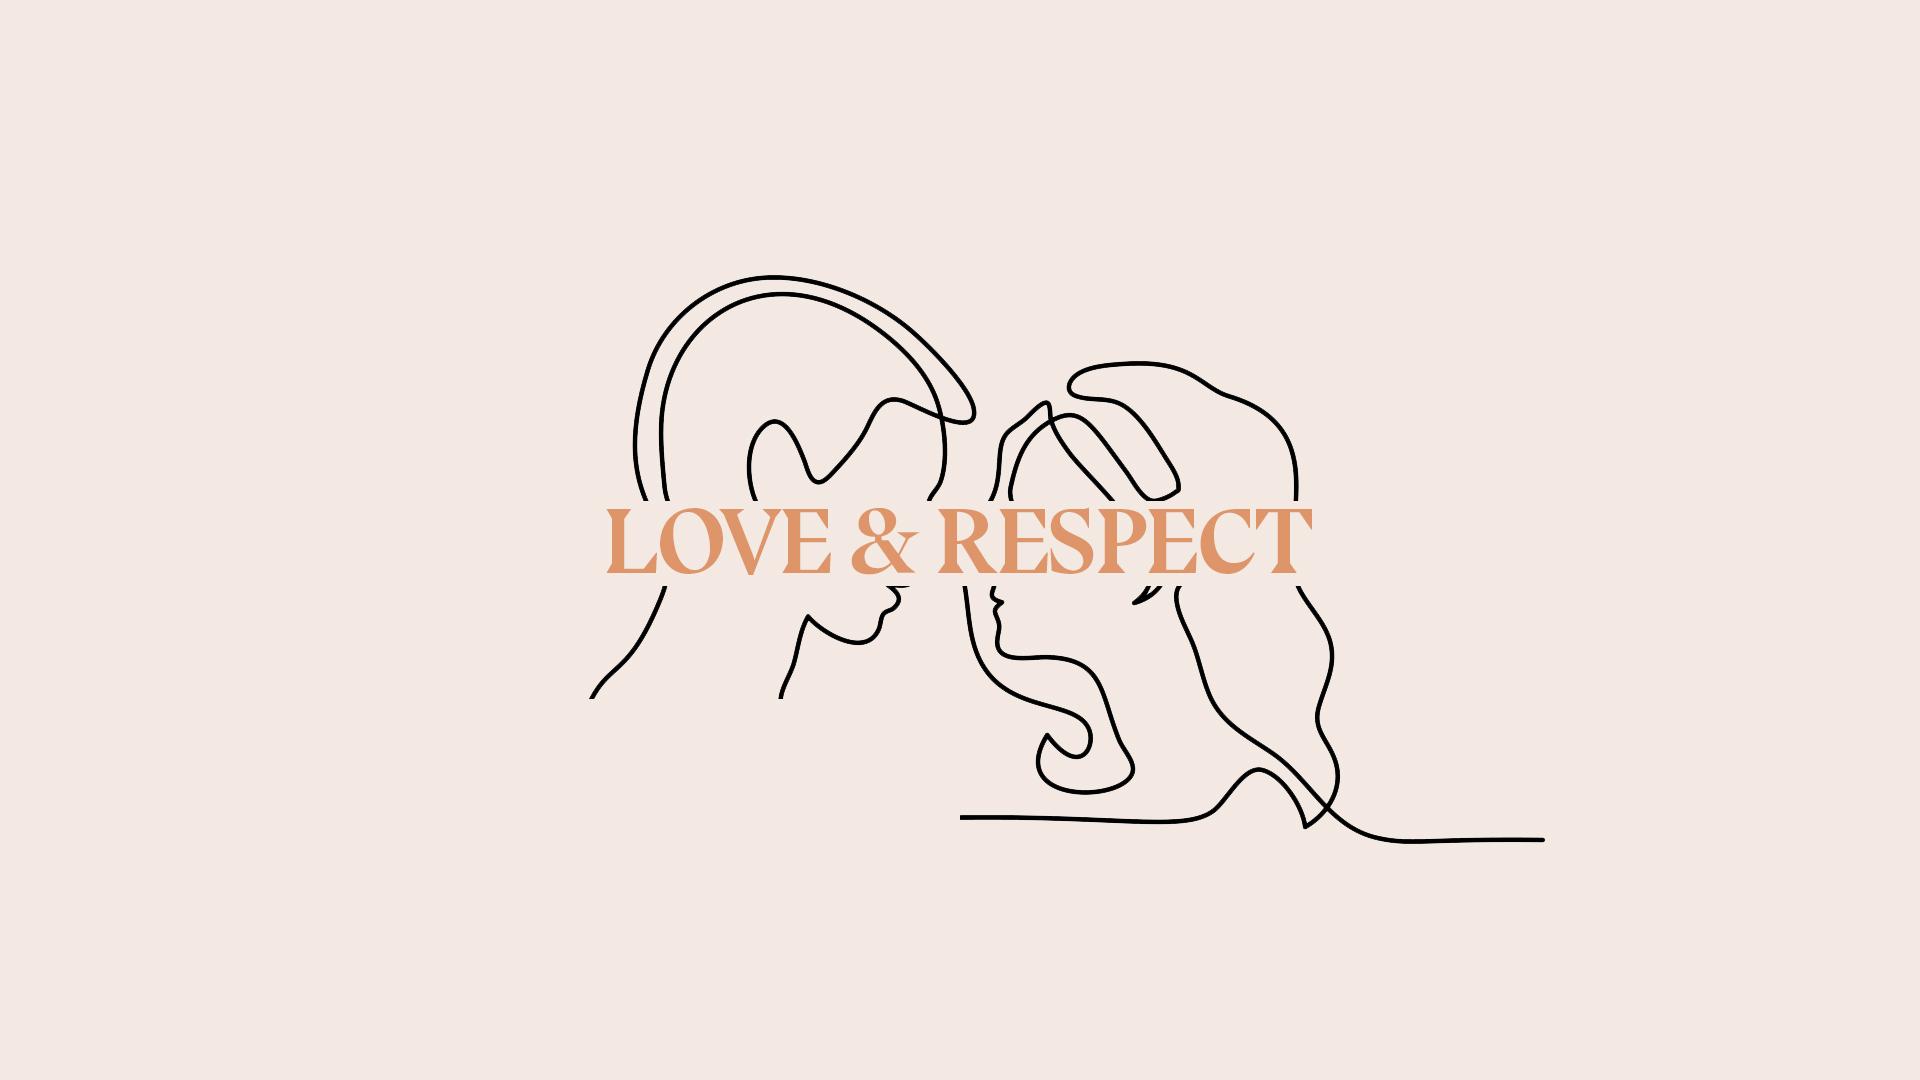 LoveAndRespectFinal2.jpg